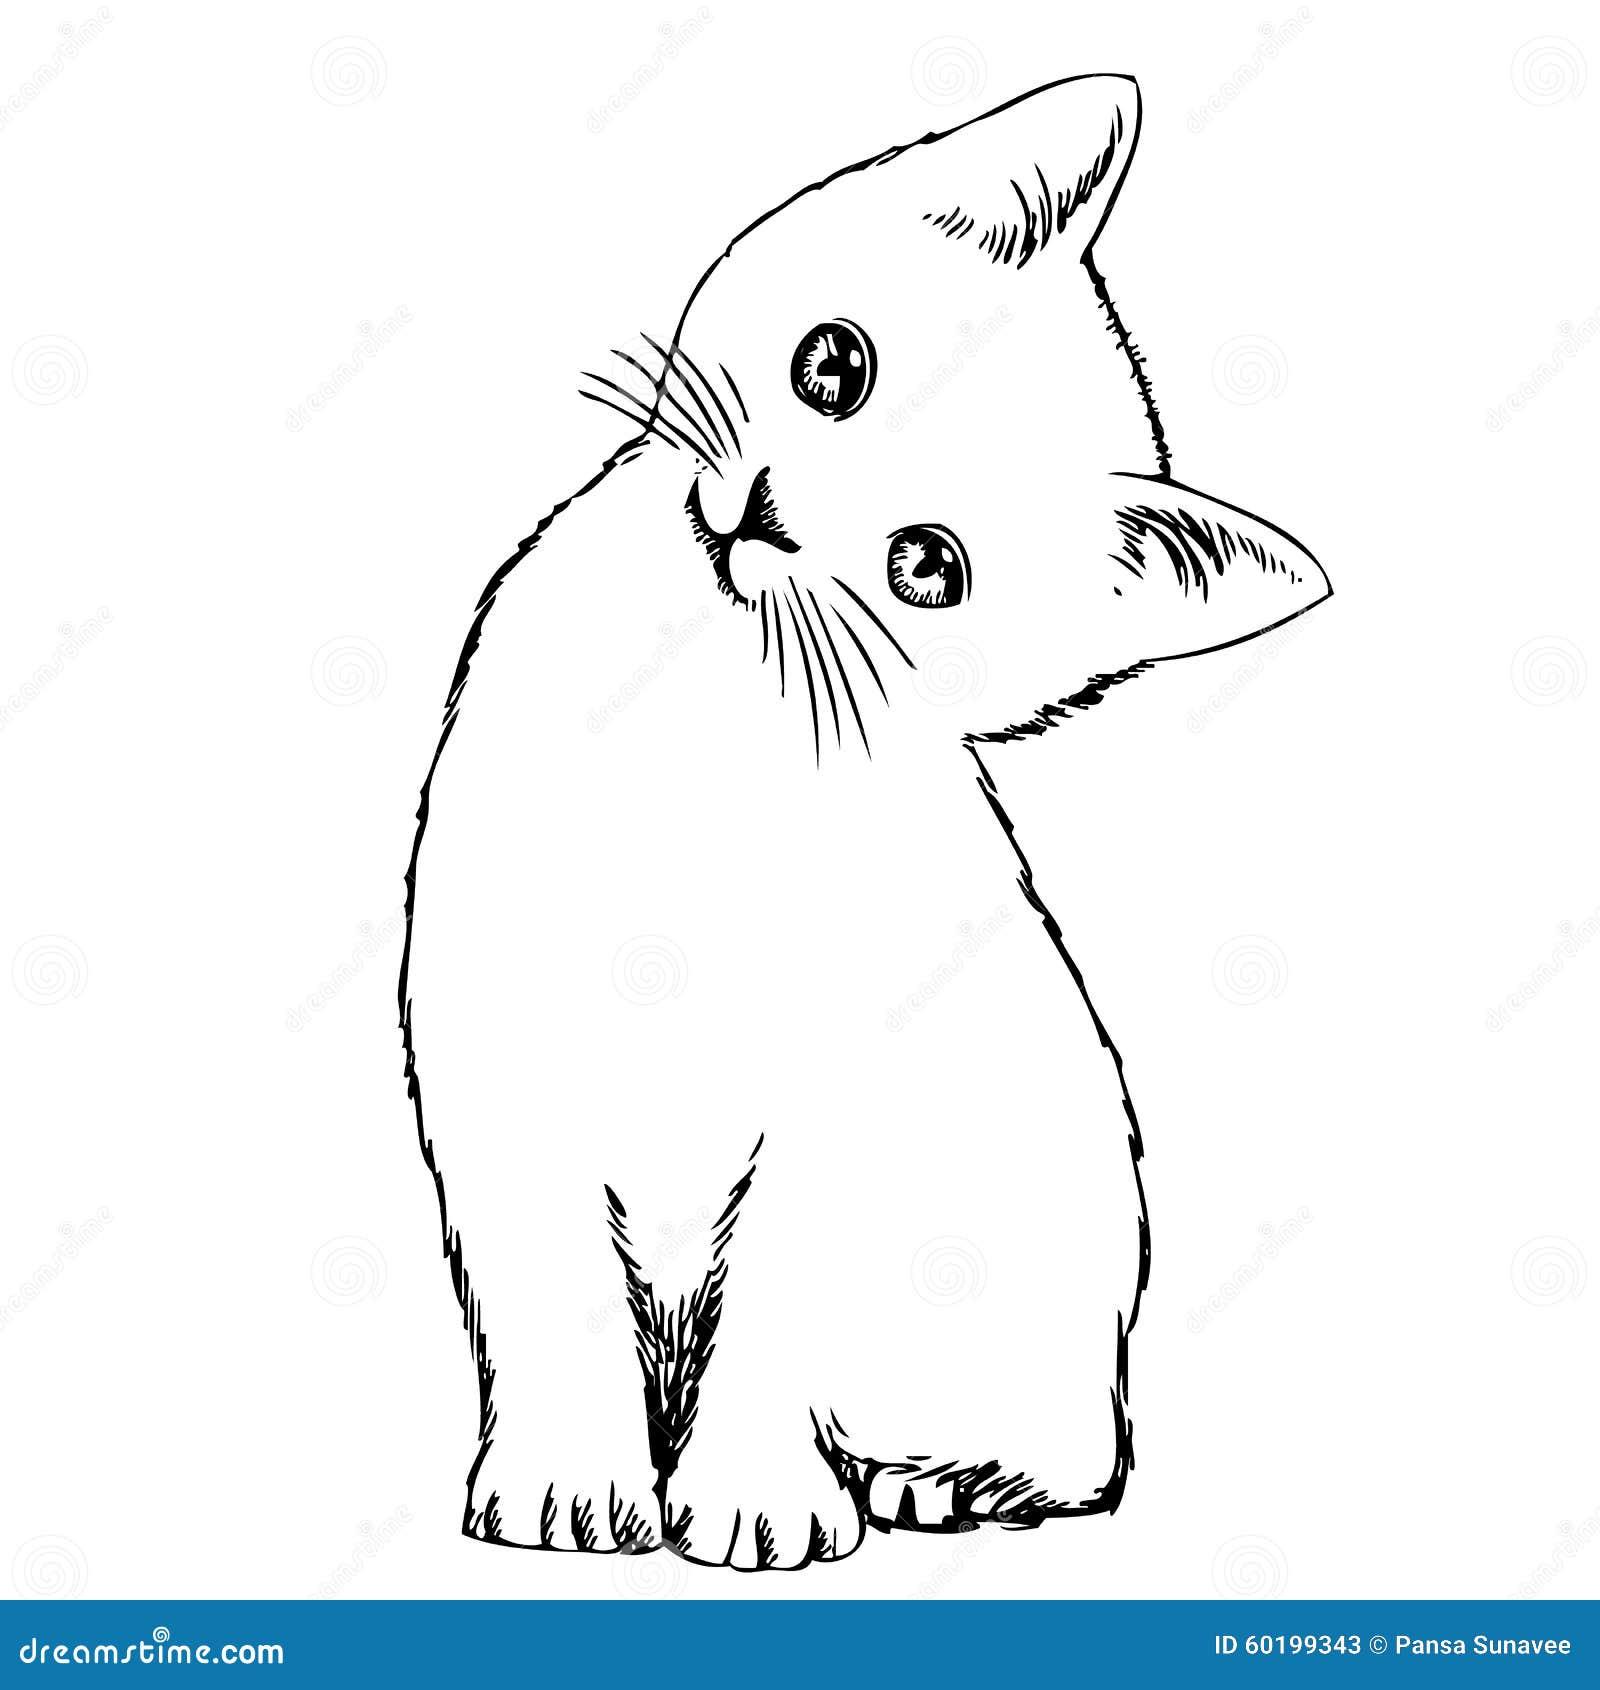 sandpaper cat scratcher